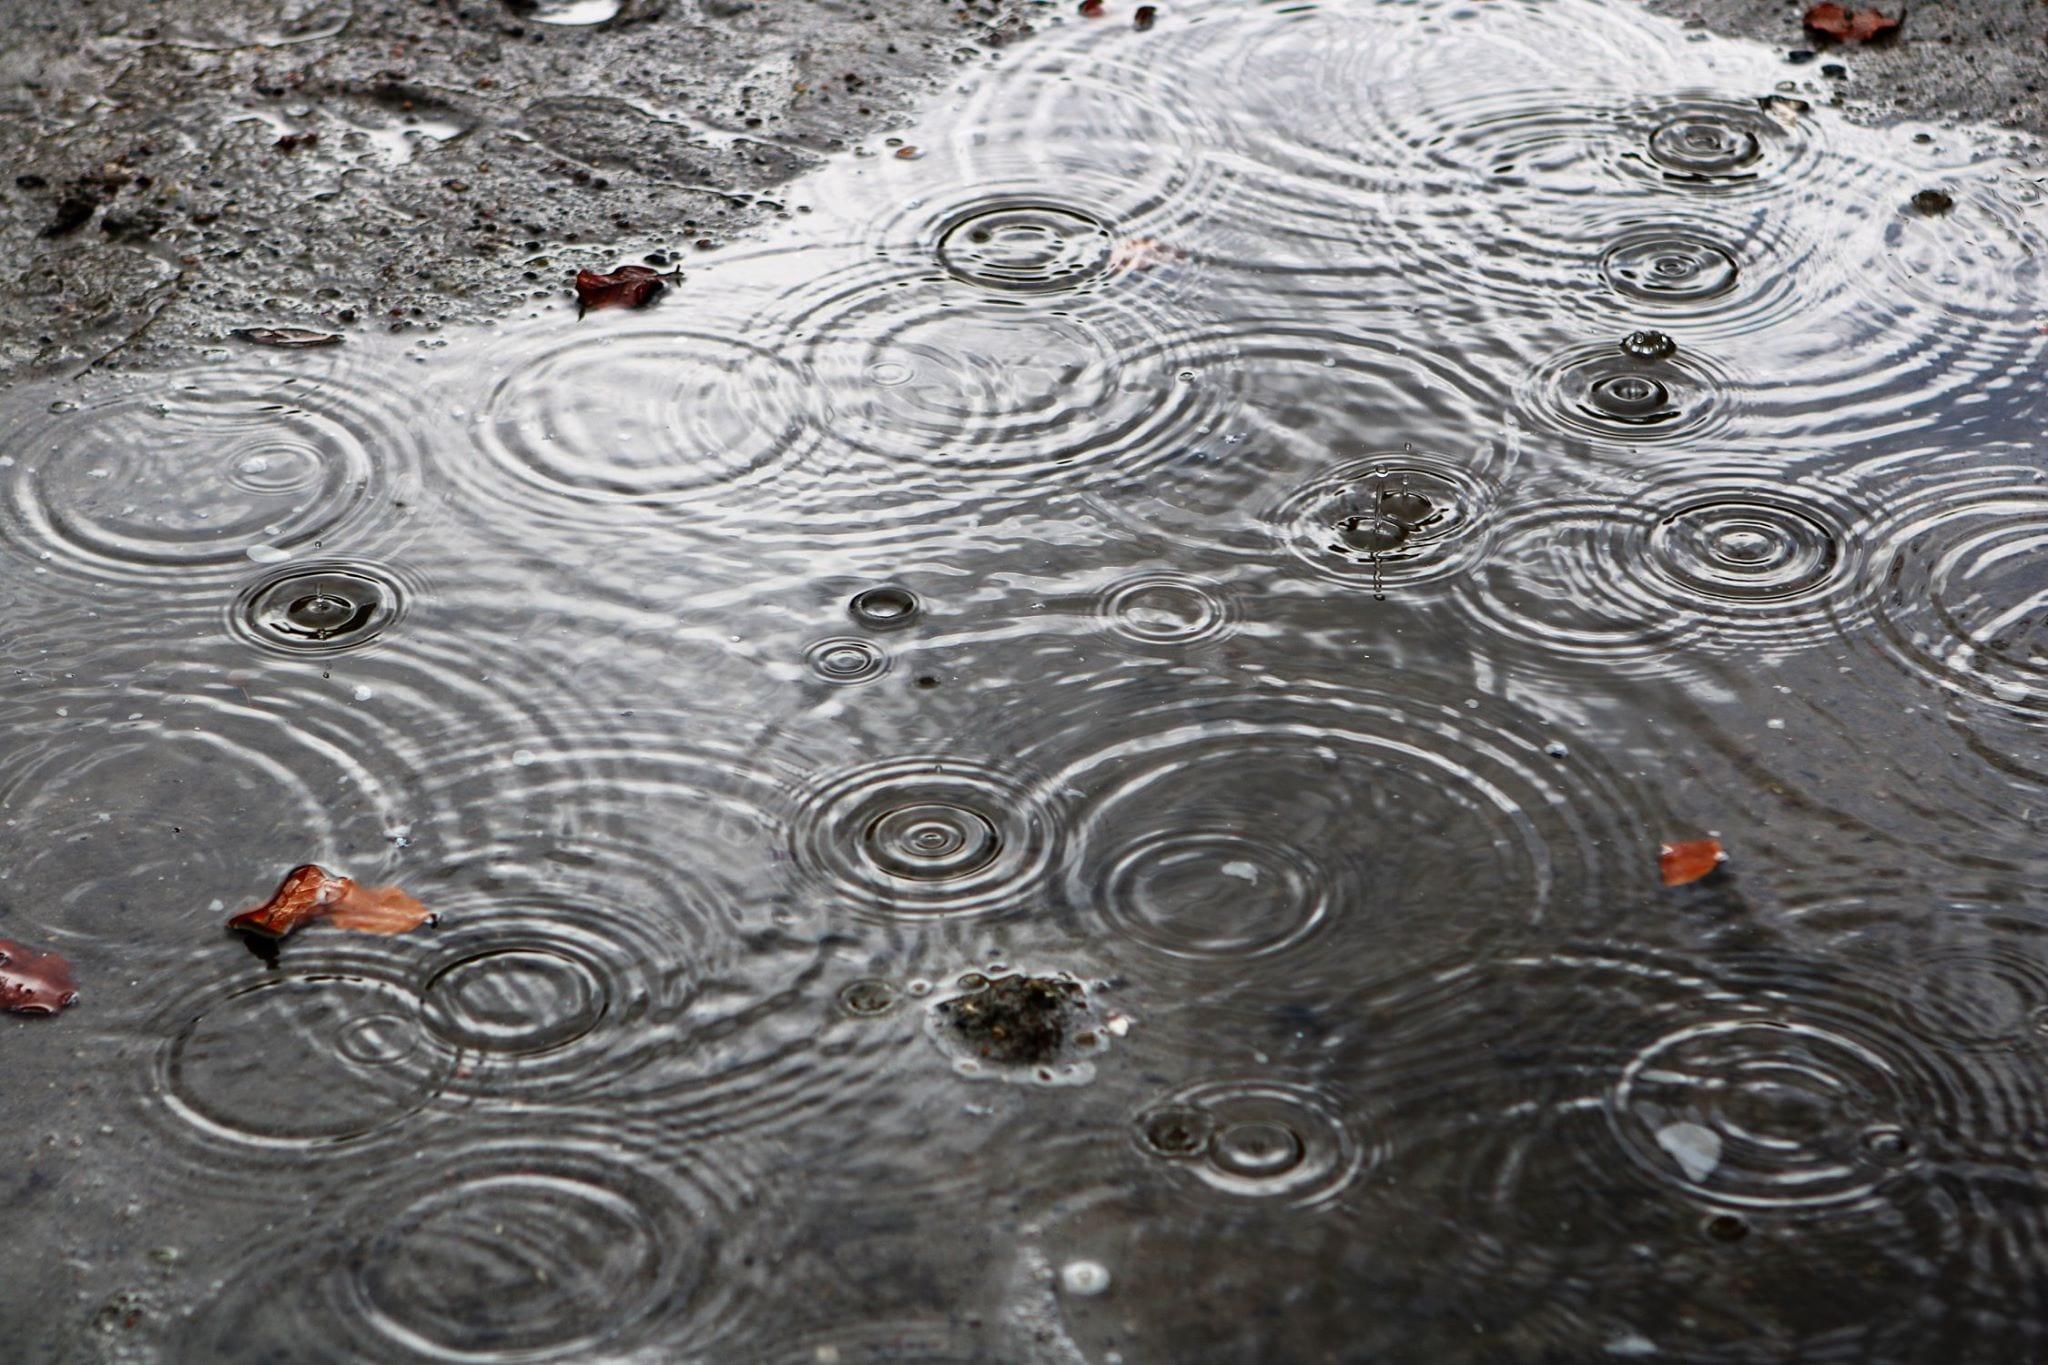 Giv din mening til kende om regnvand på Frederiksberg